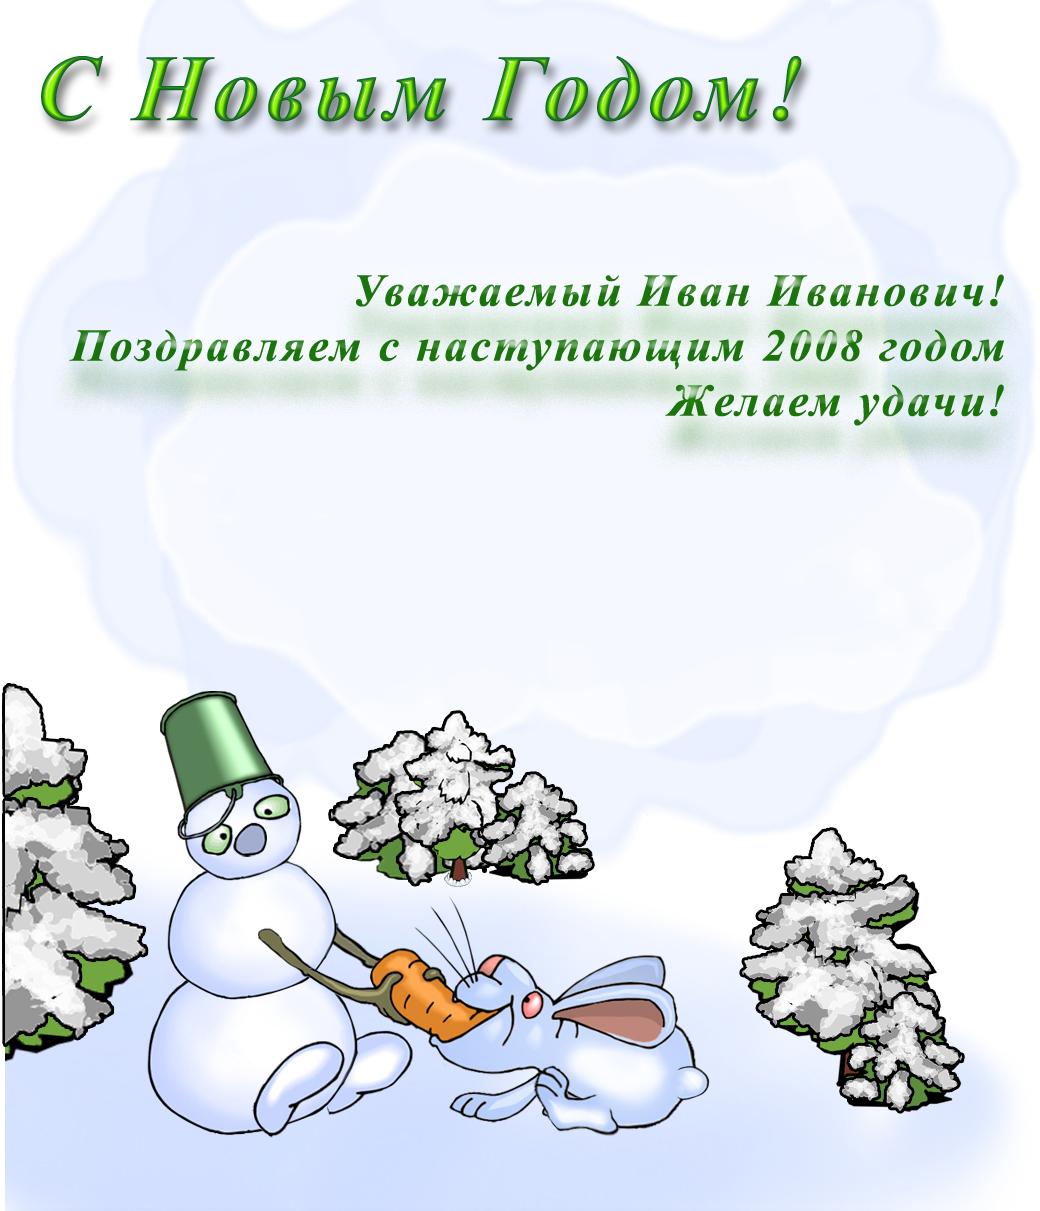 Новогодняя открытка (серия снеговик)